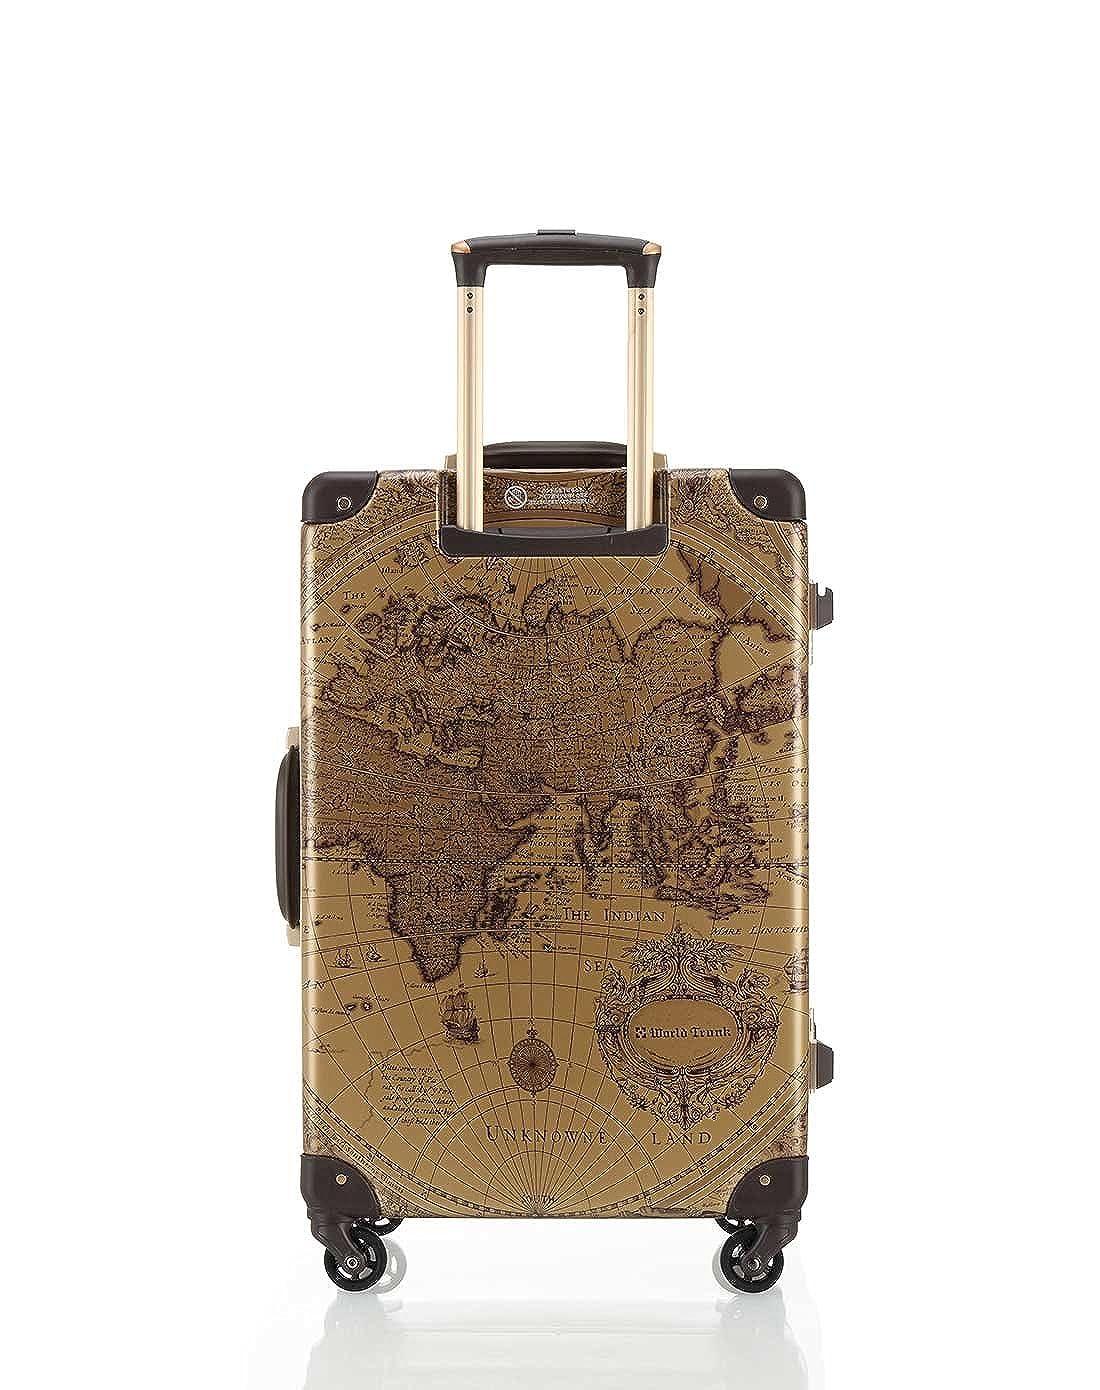 3d6f3c0a27 Amazon | [ワールドトランク] スーツケース 軽量 保証付 55L 60 cm 4.4kg ベージュ地図柄 | WORLD  TRUNK(ワールド トランク) | スーツケース